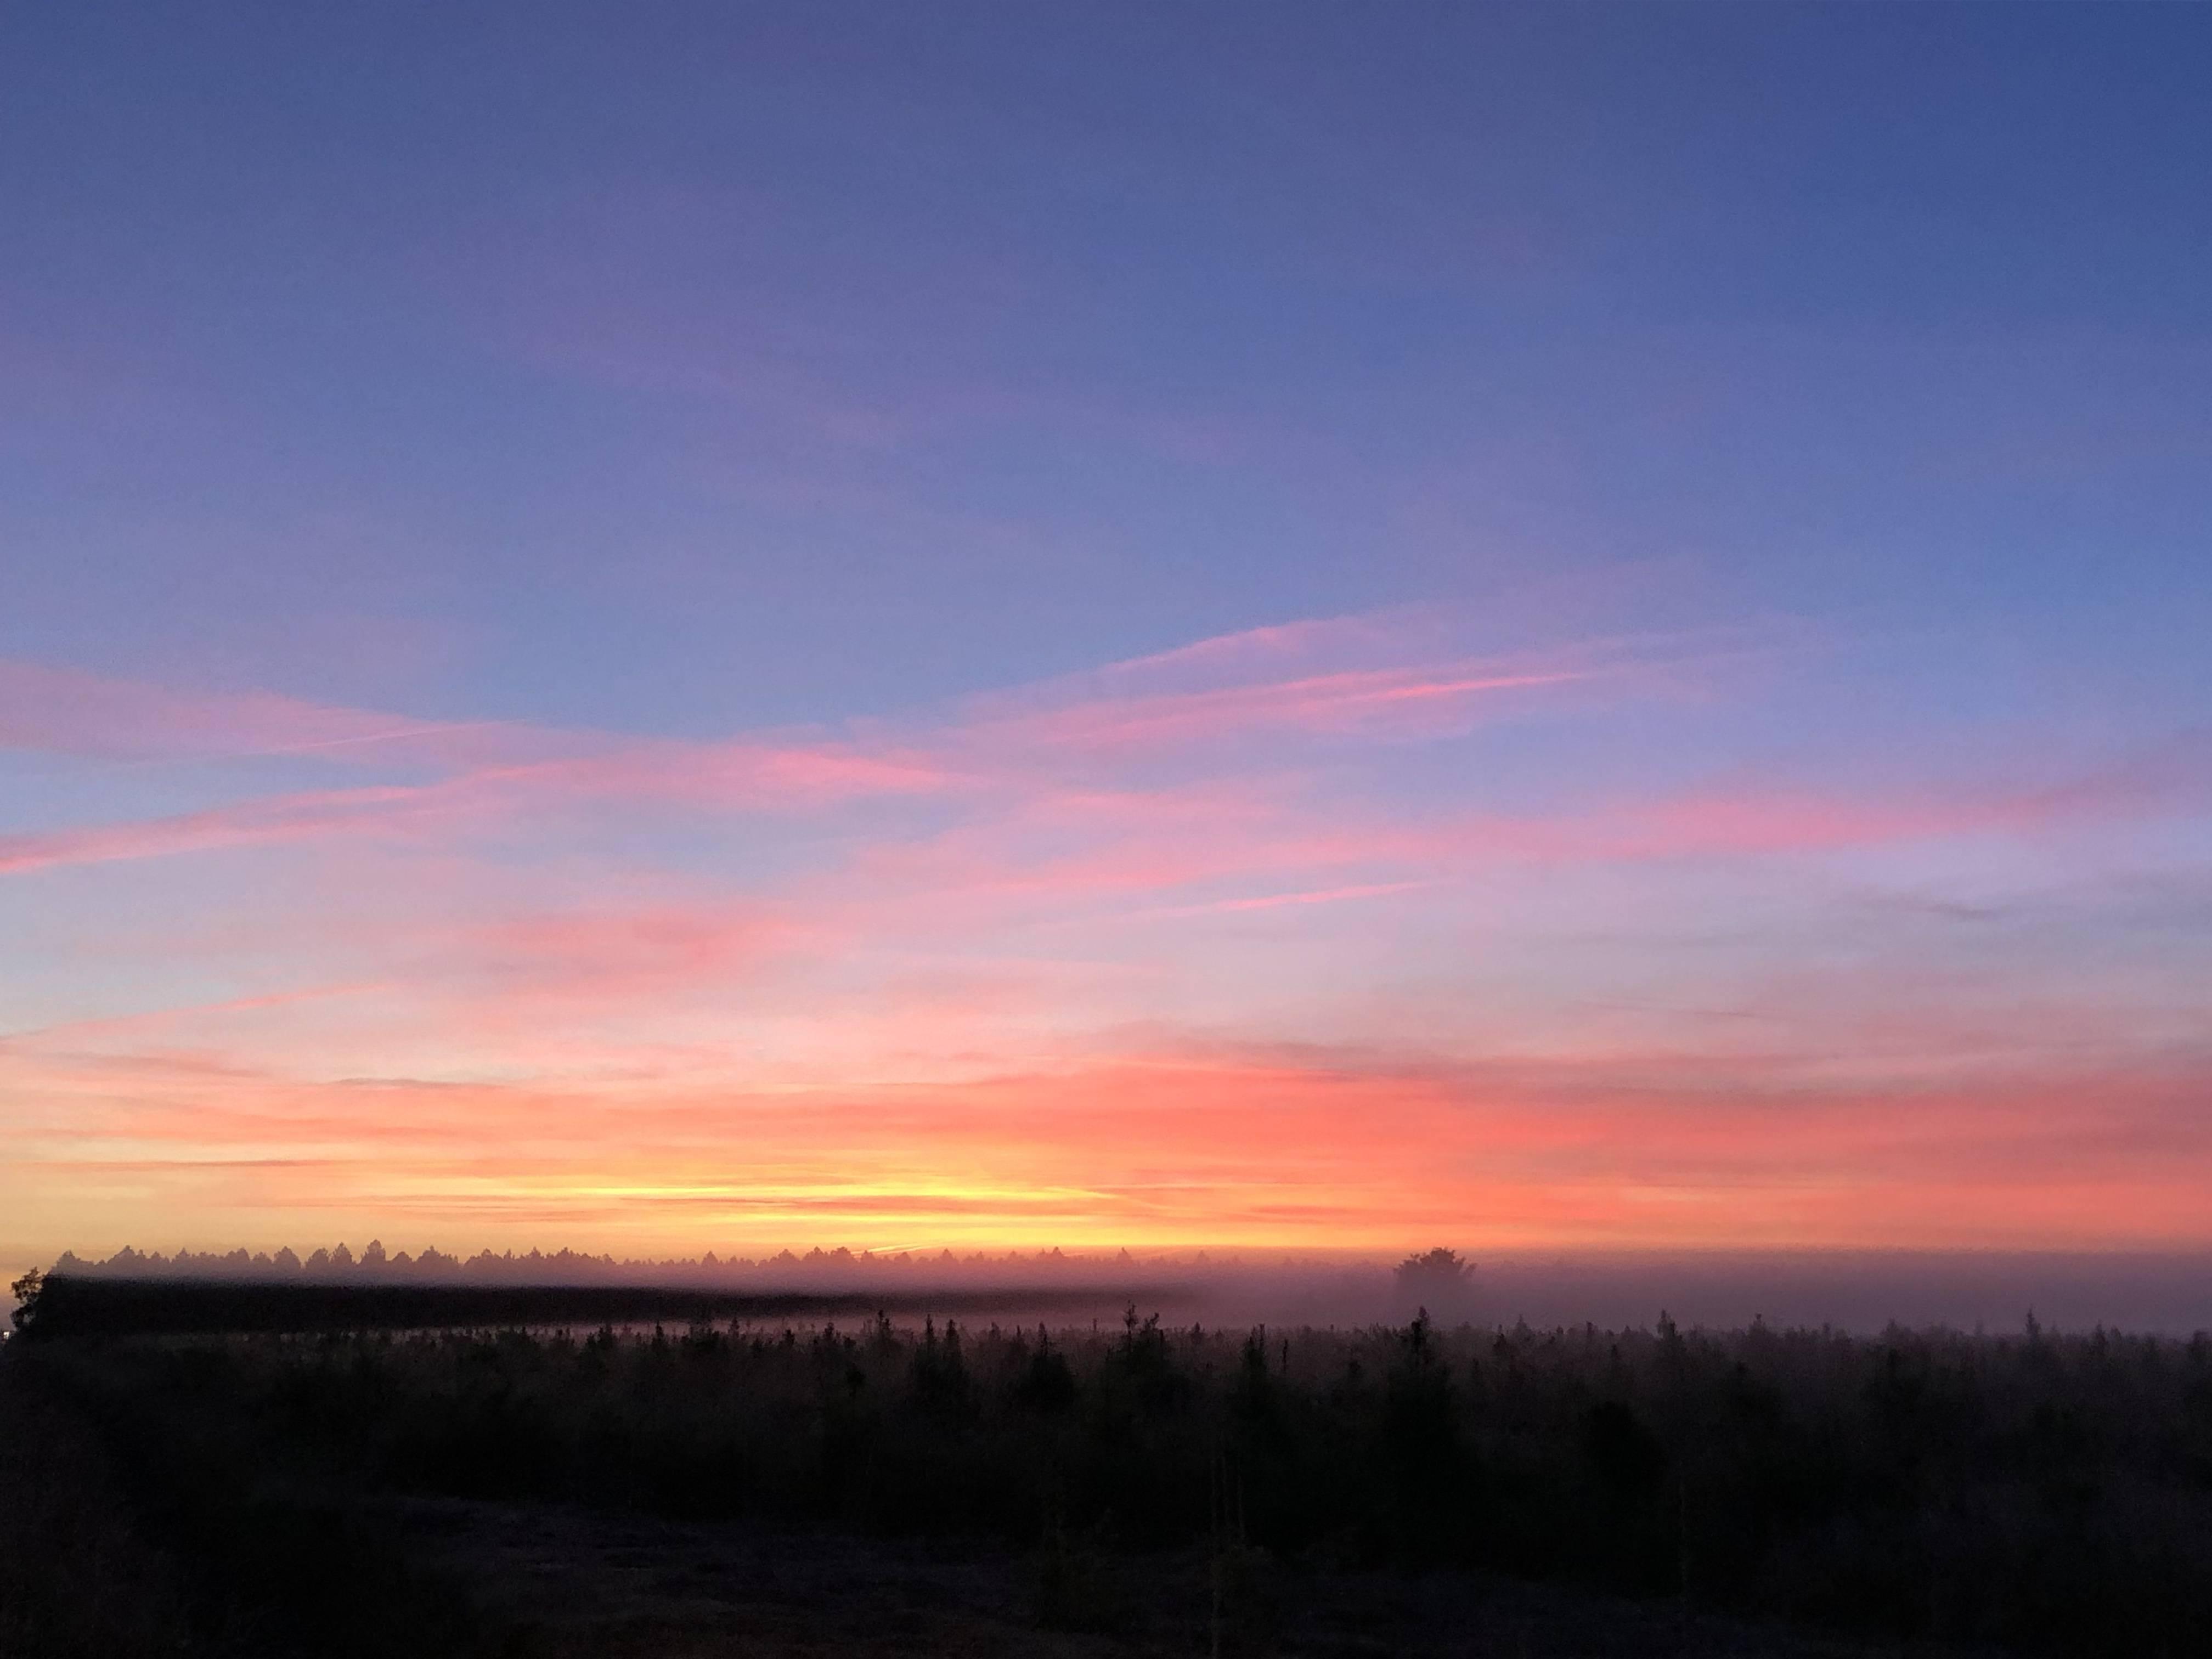 Photo 1: Biscarrosse au lever du jour